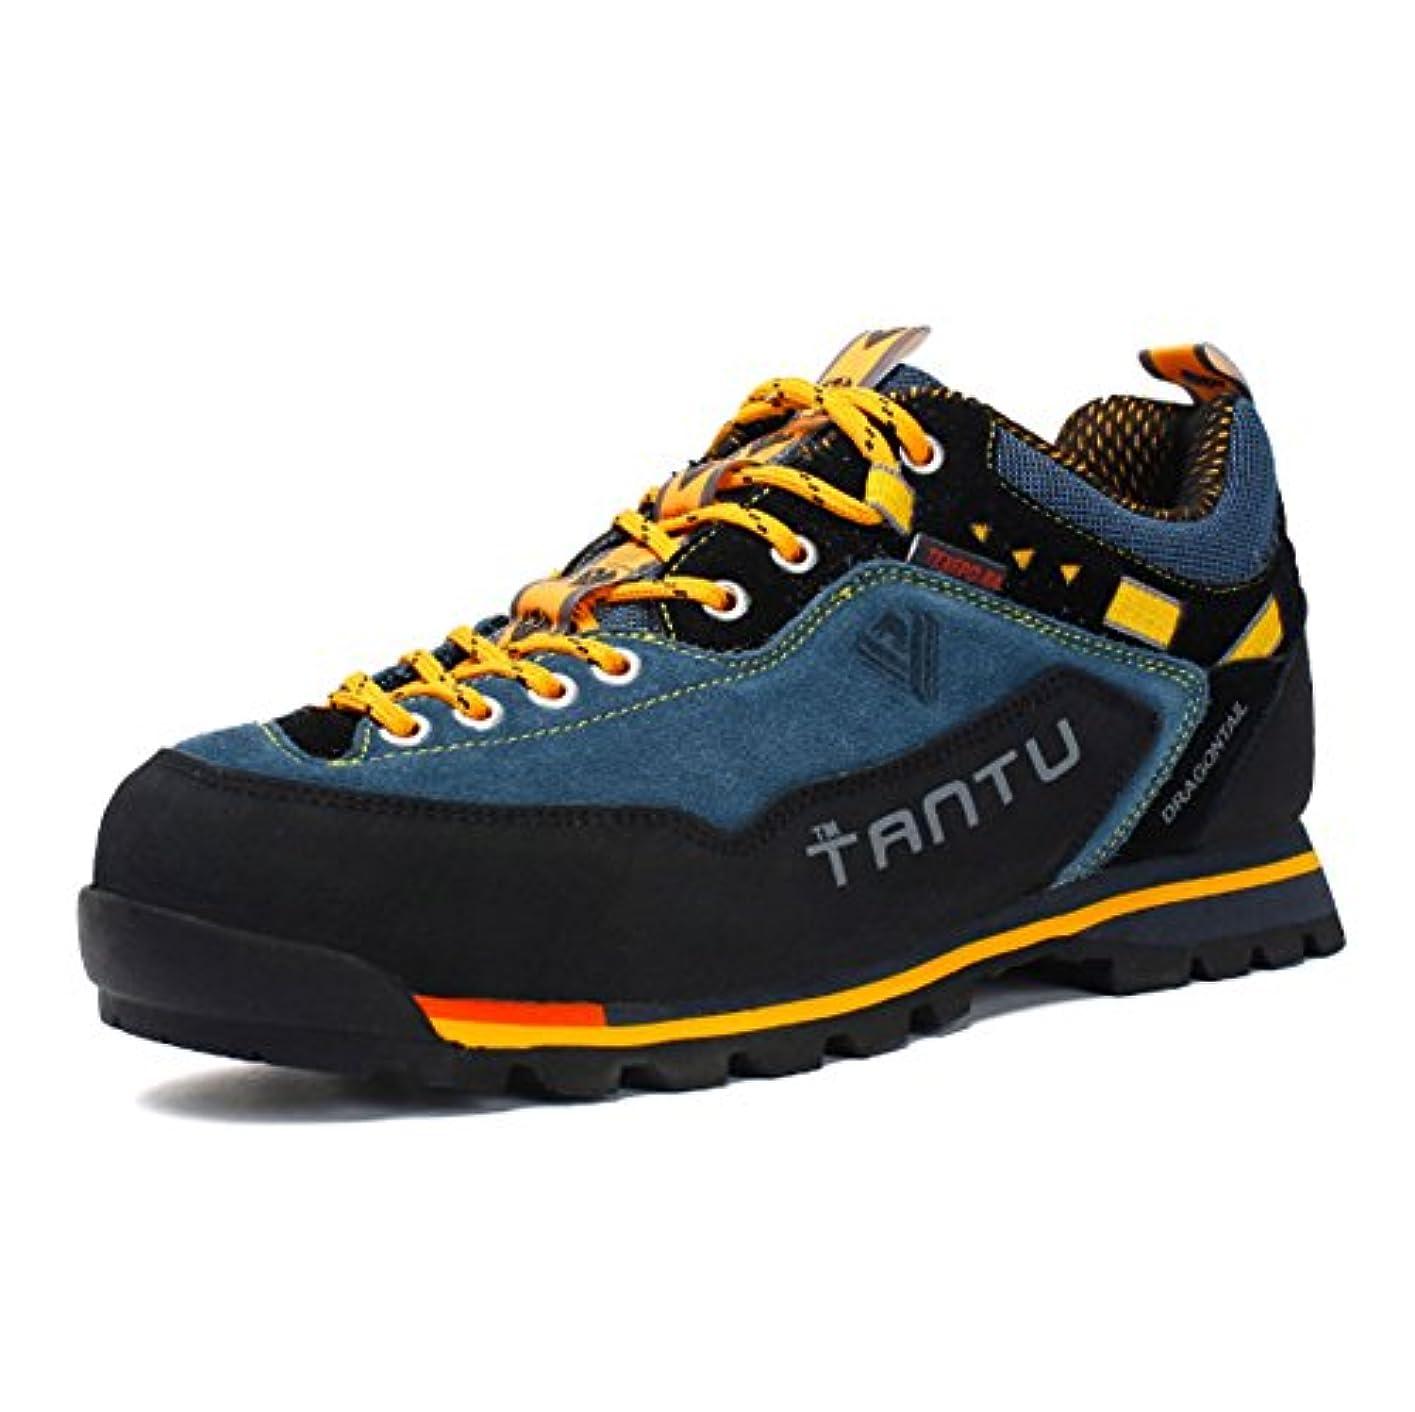 欲望速度エジプト人[ノーブランド品] スニーカー ランニングシューズ軽量メンズ/レディース防滑登山靴 トレッキングシューズ ハイキングシューズ 運動靴 歩きやすいハイキング スポーツシューズアウトドア2018人気スニーカー